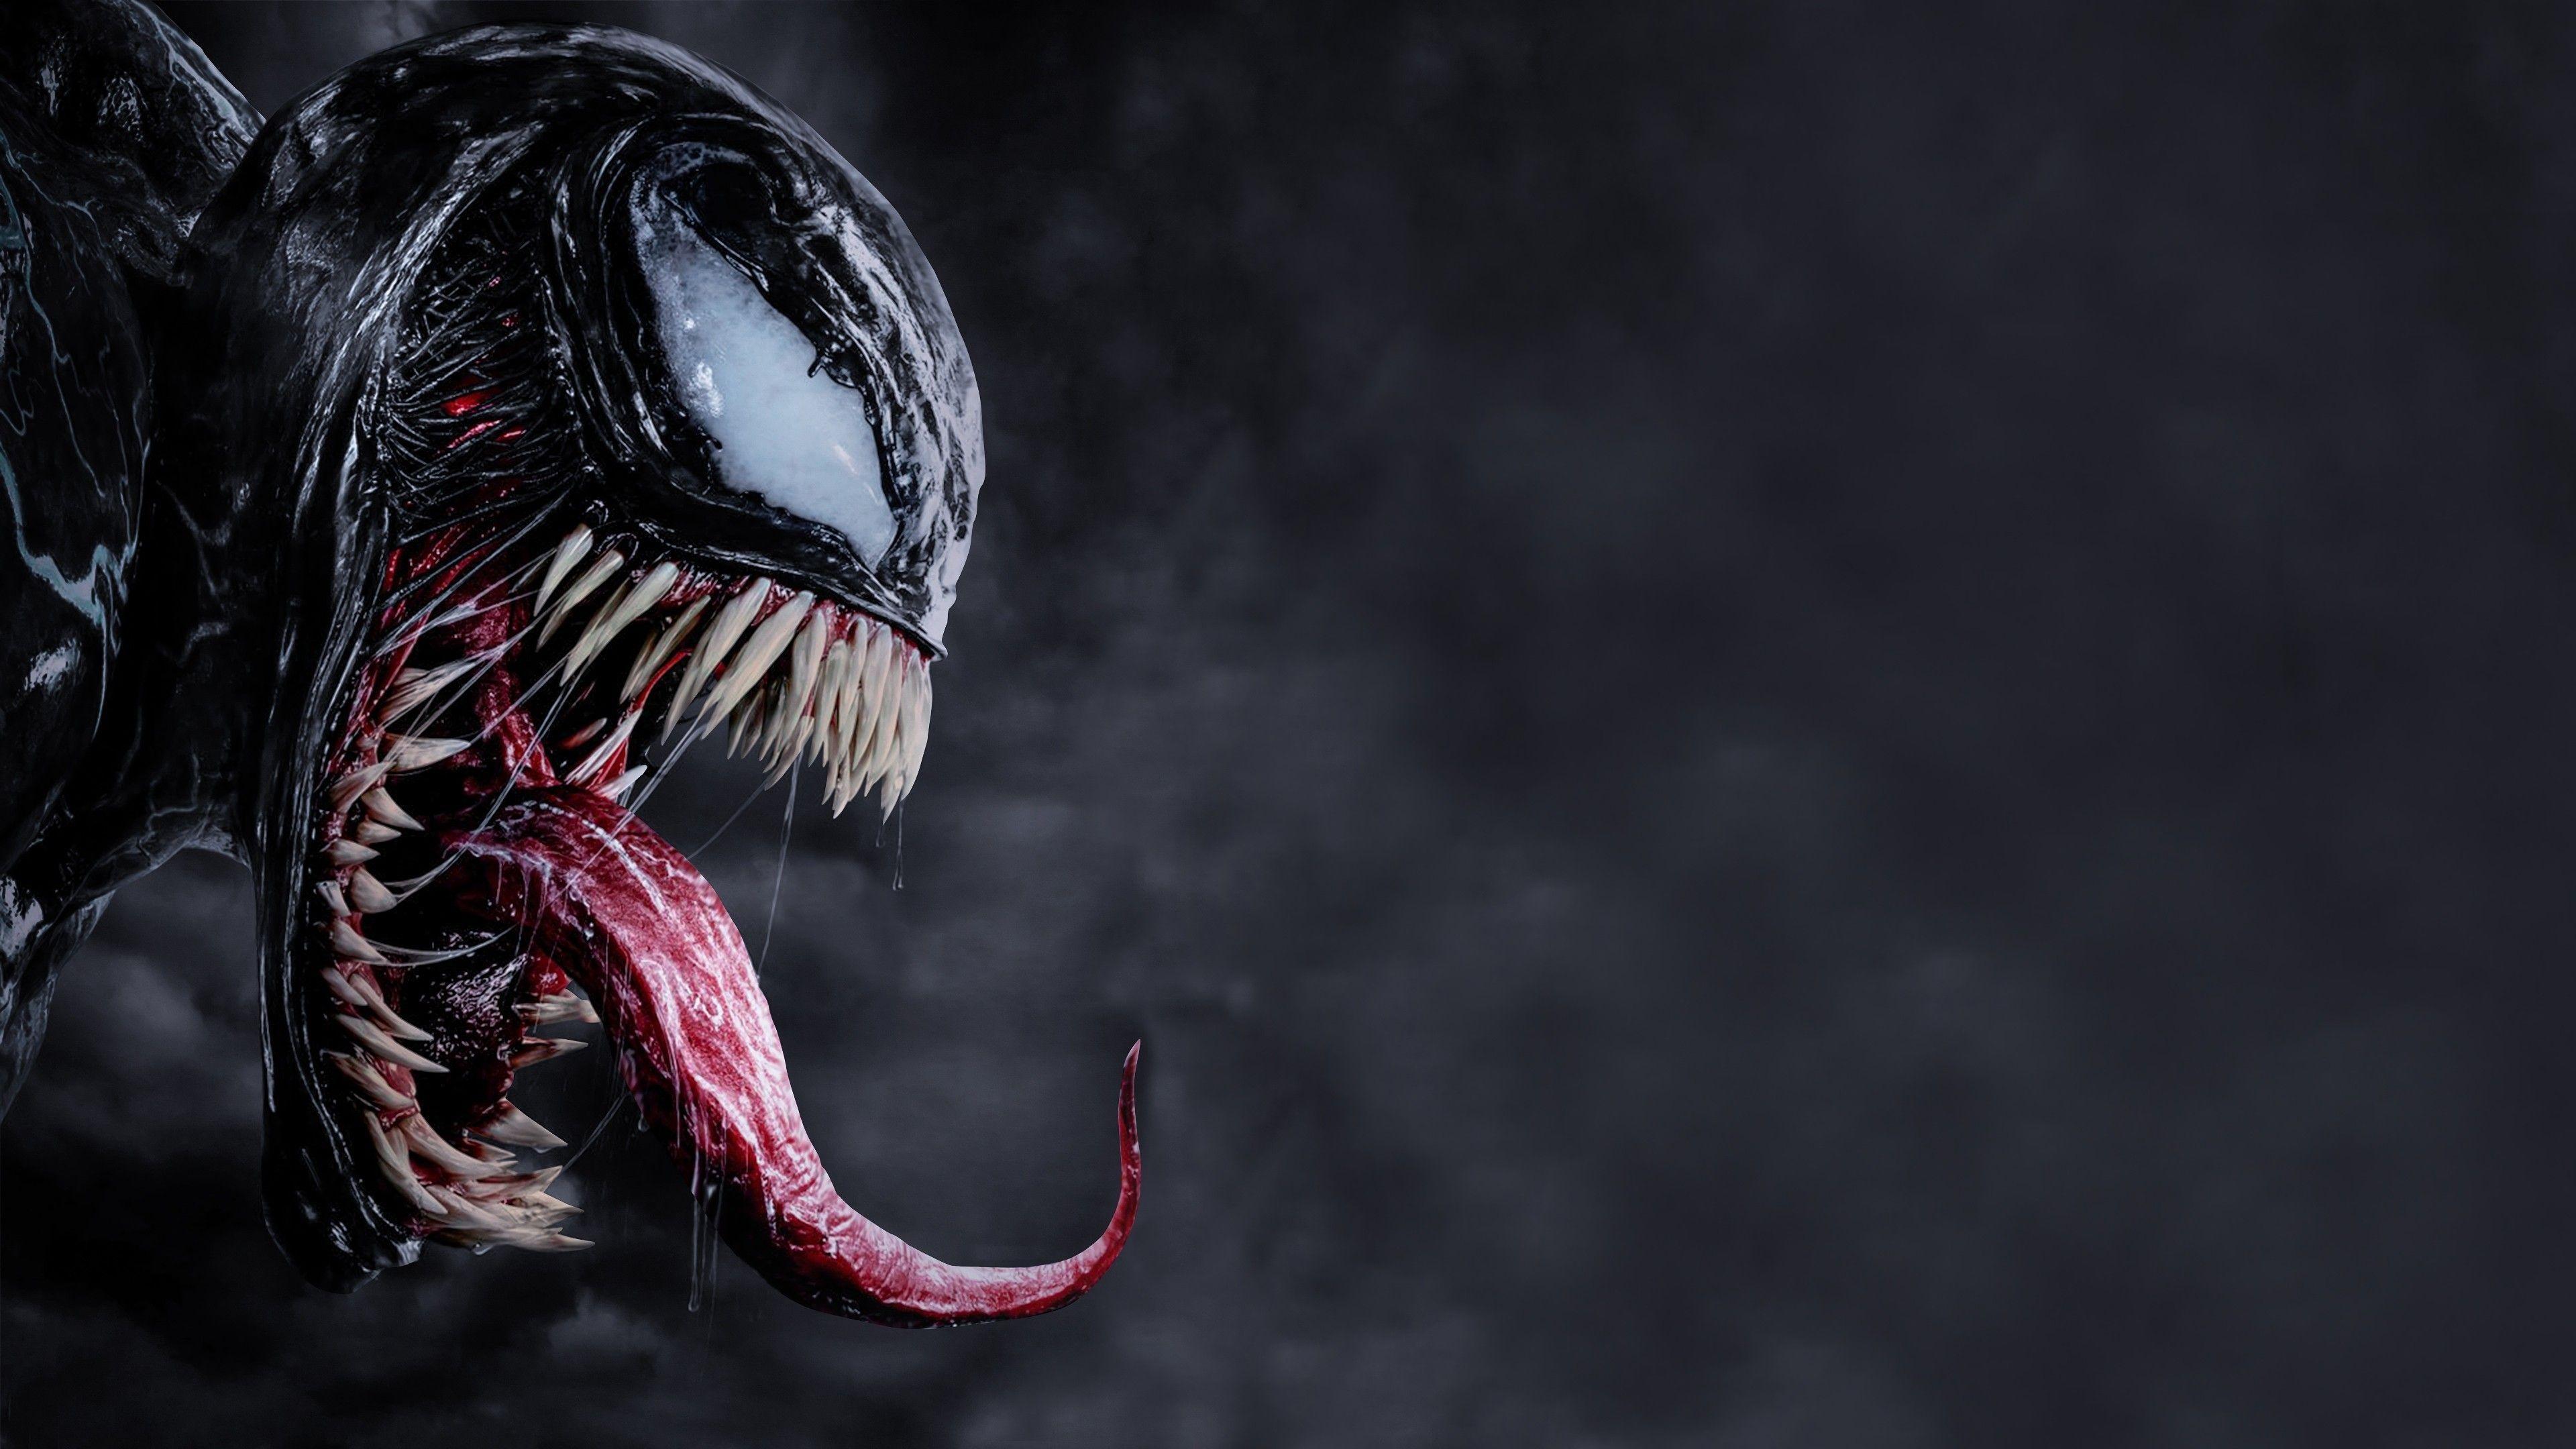 4K Ultra HD Venom Wallpapers - Top Free 4K Ultra HD Venom ...